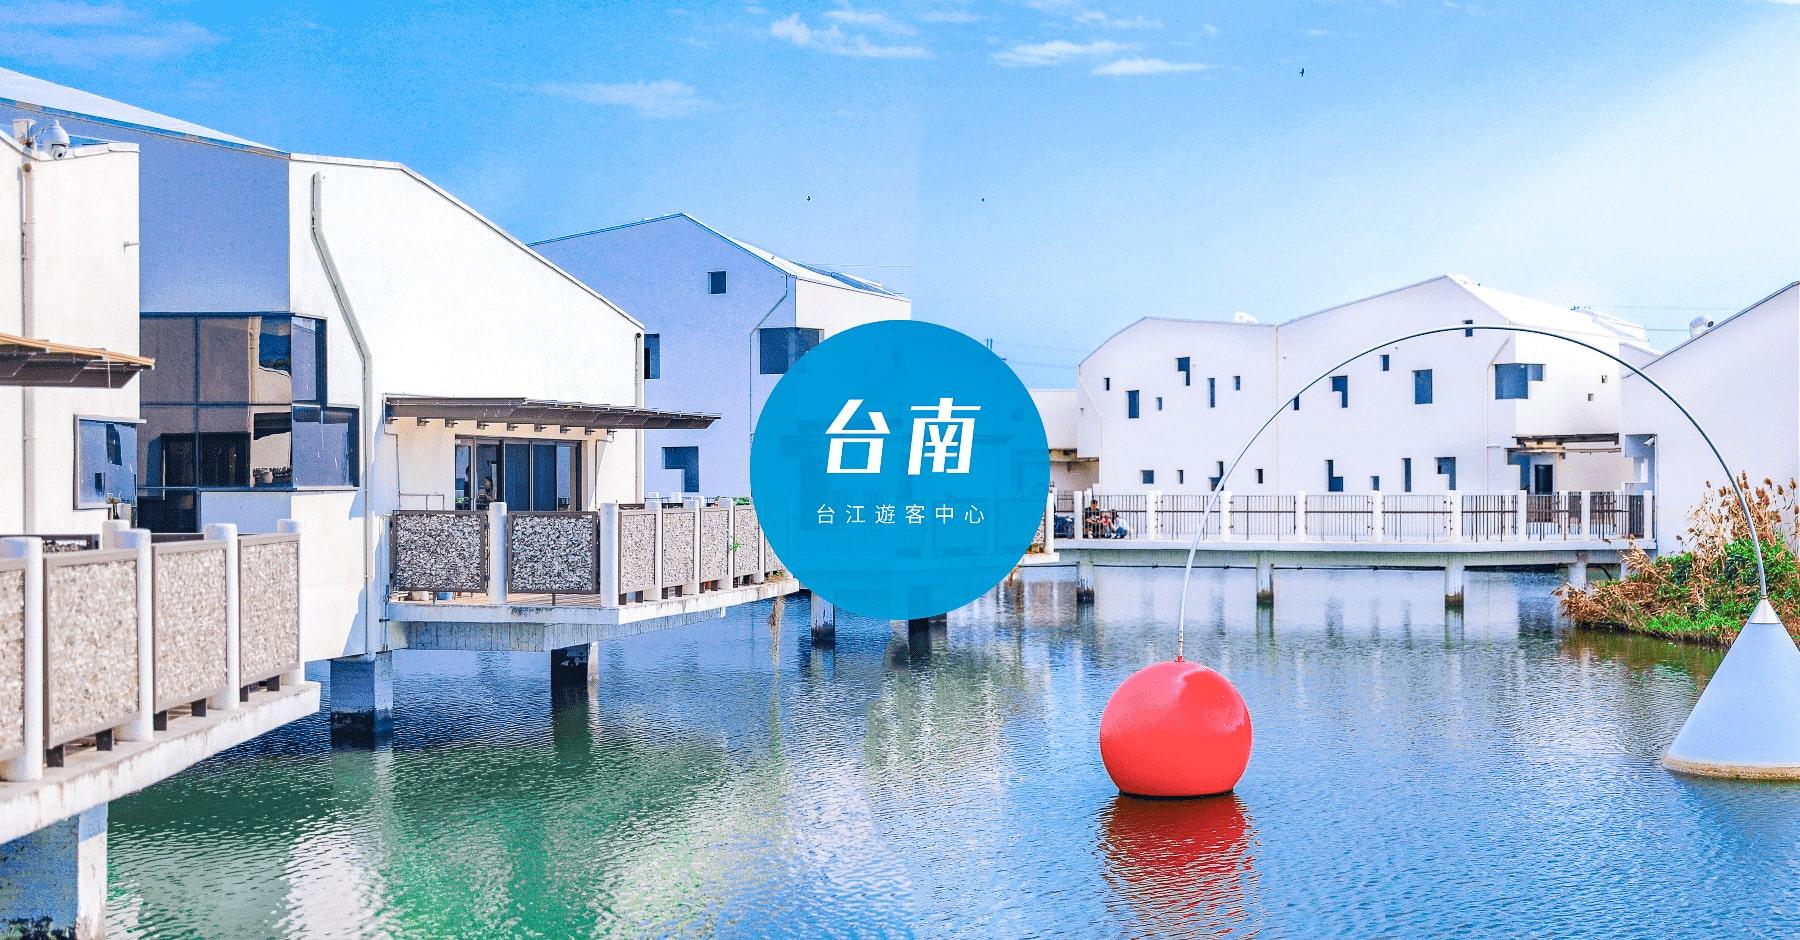 台江國家公園遊客中心|超美純白IG打卡景點!台江學園水上屋,台南安平免門票景點